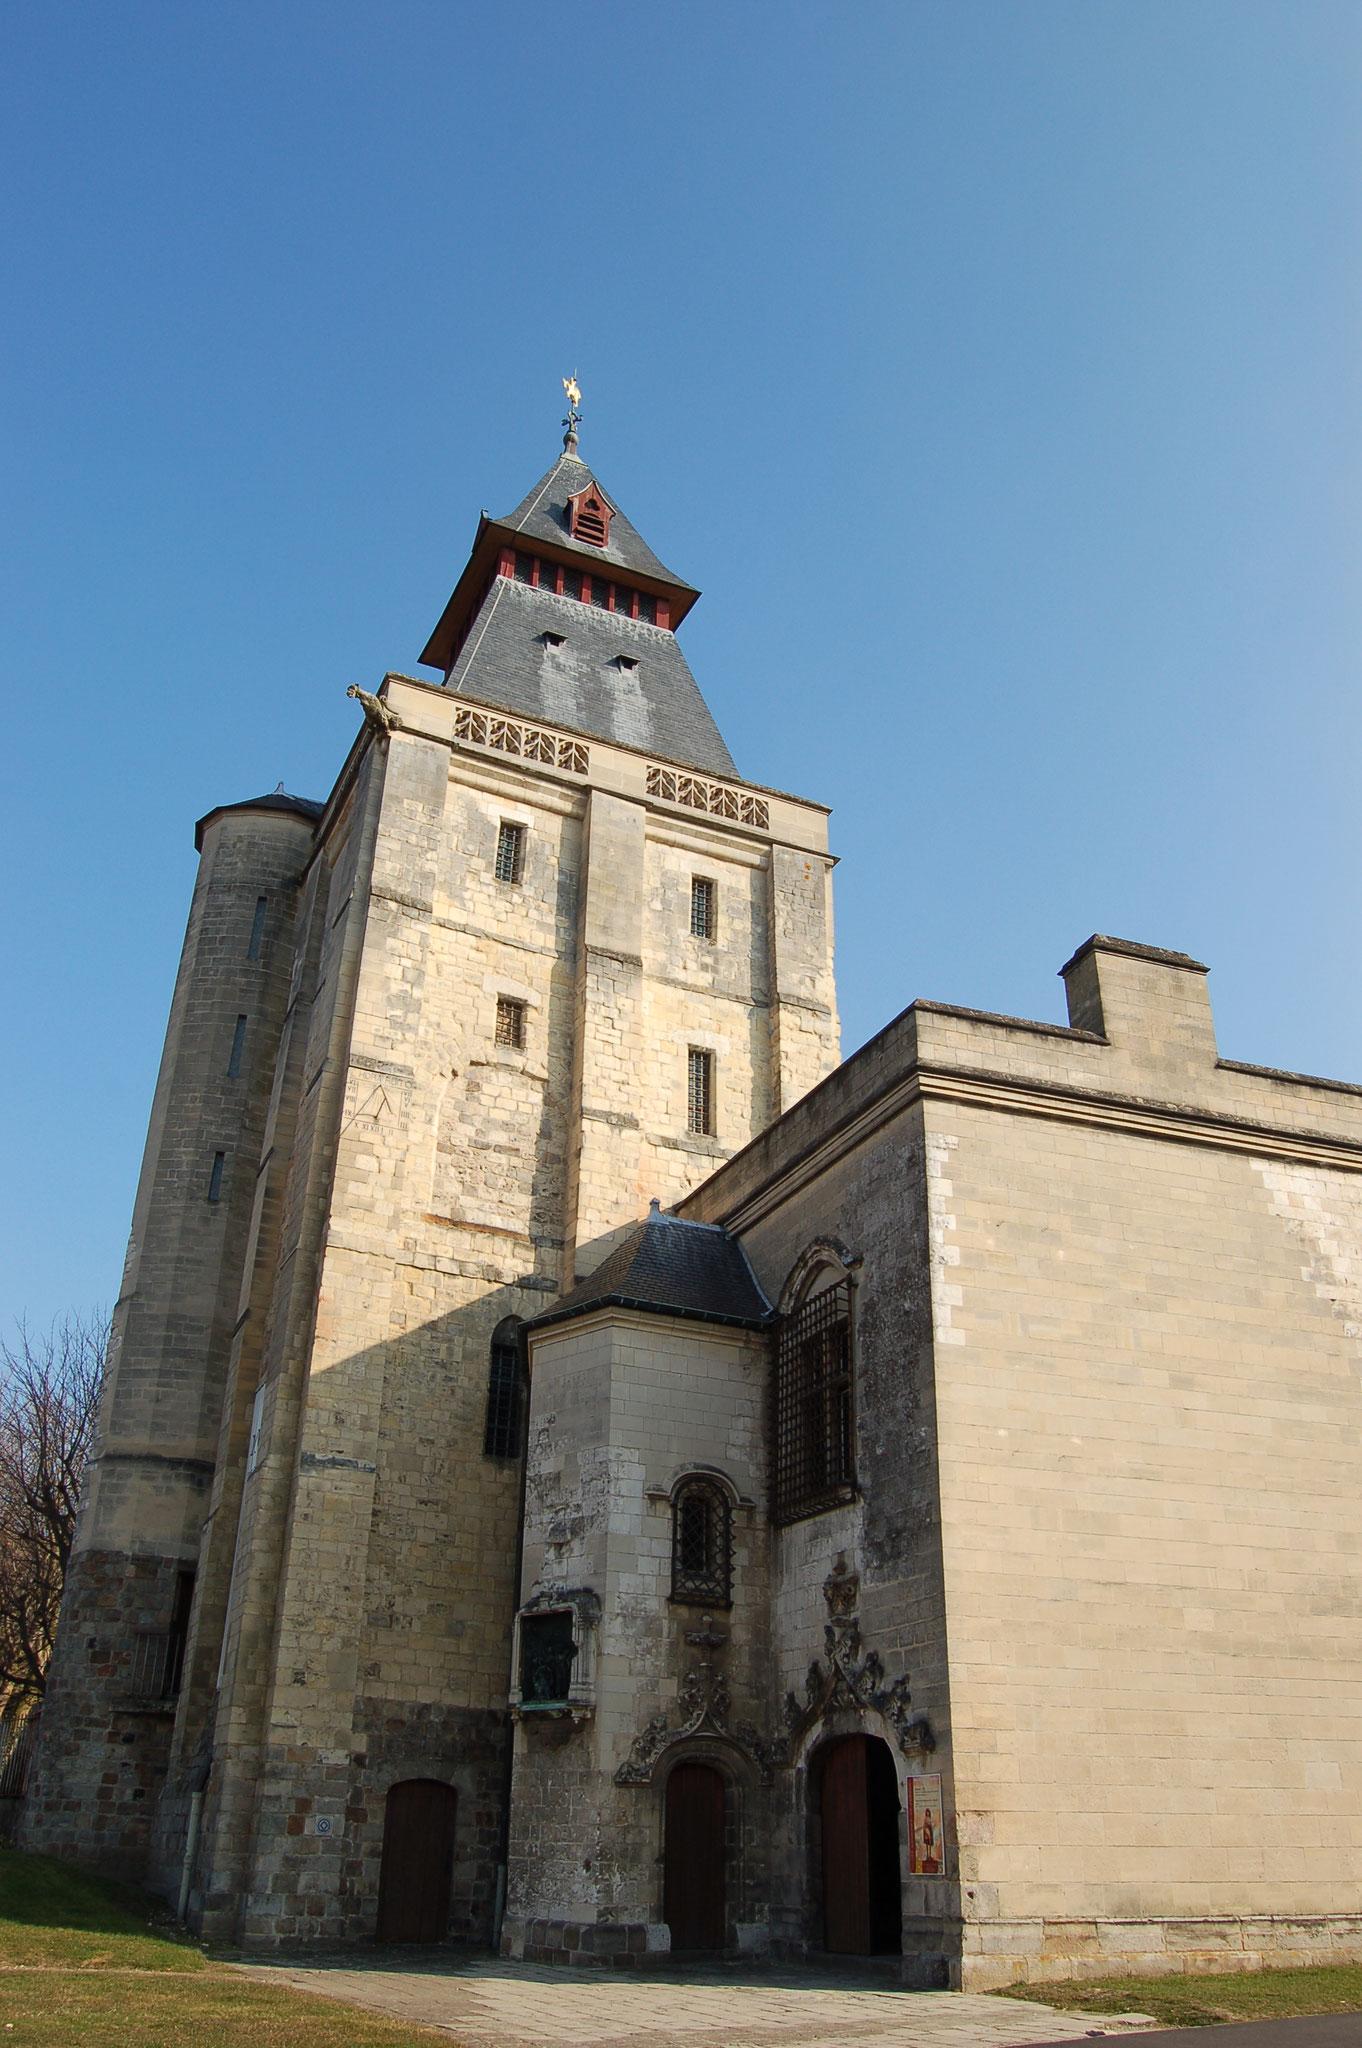 Riche patrimoine historique sur abbeville chambres hote abbeville velo - Office tourisme abbeville ...